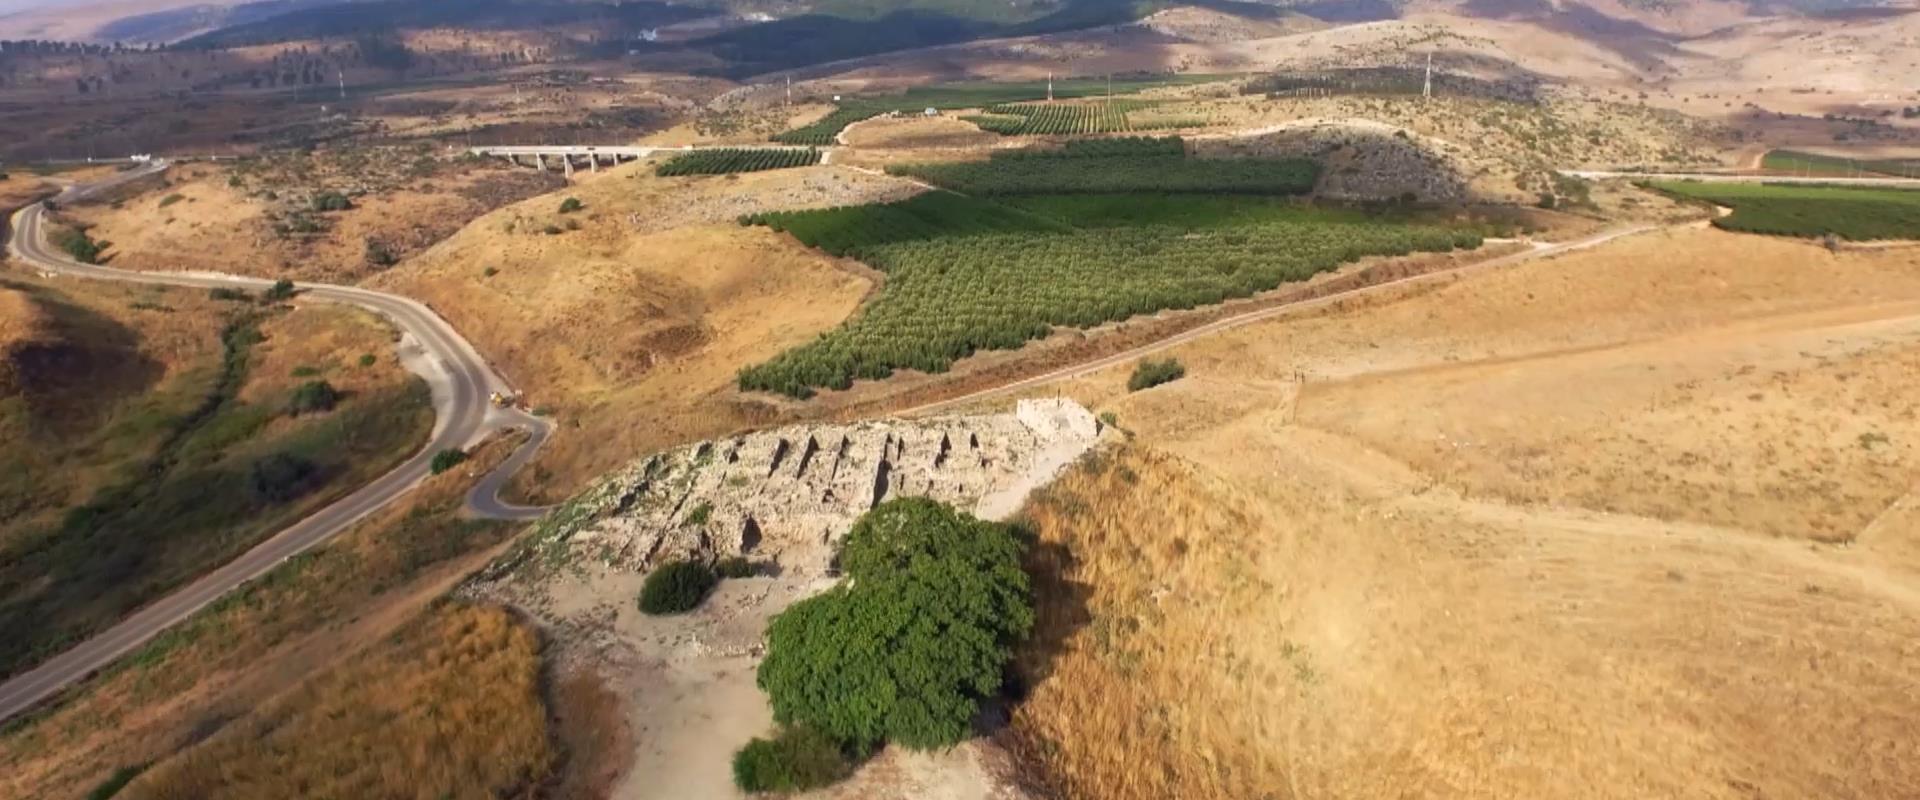 קדושת ארץ הקודש - قدسية أرض إسرائيل - פרק 13